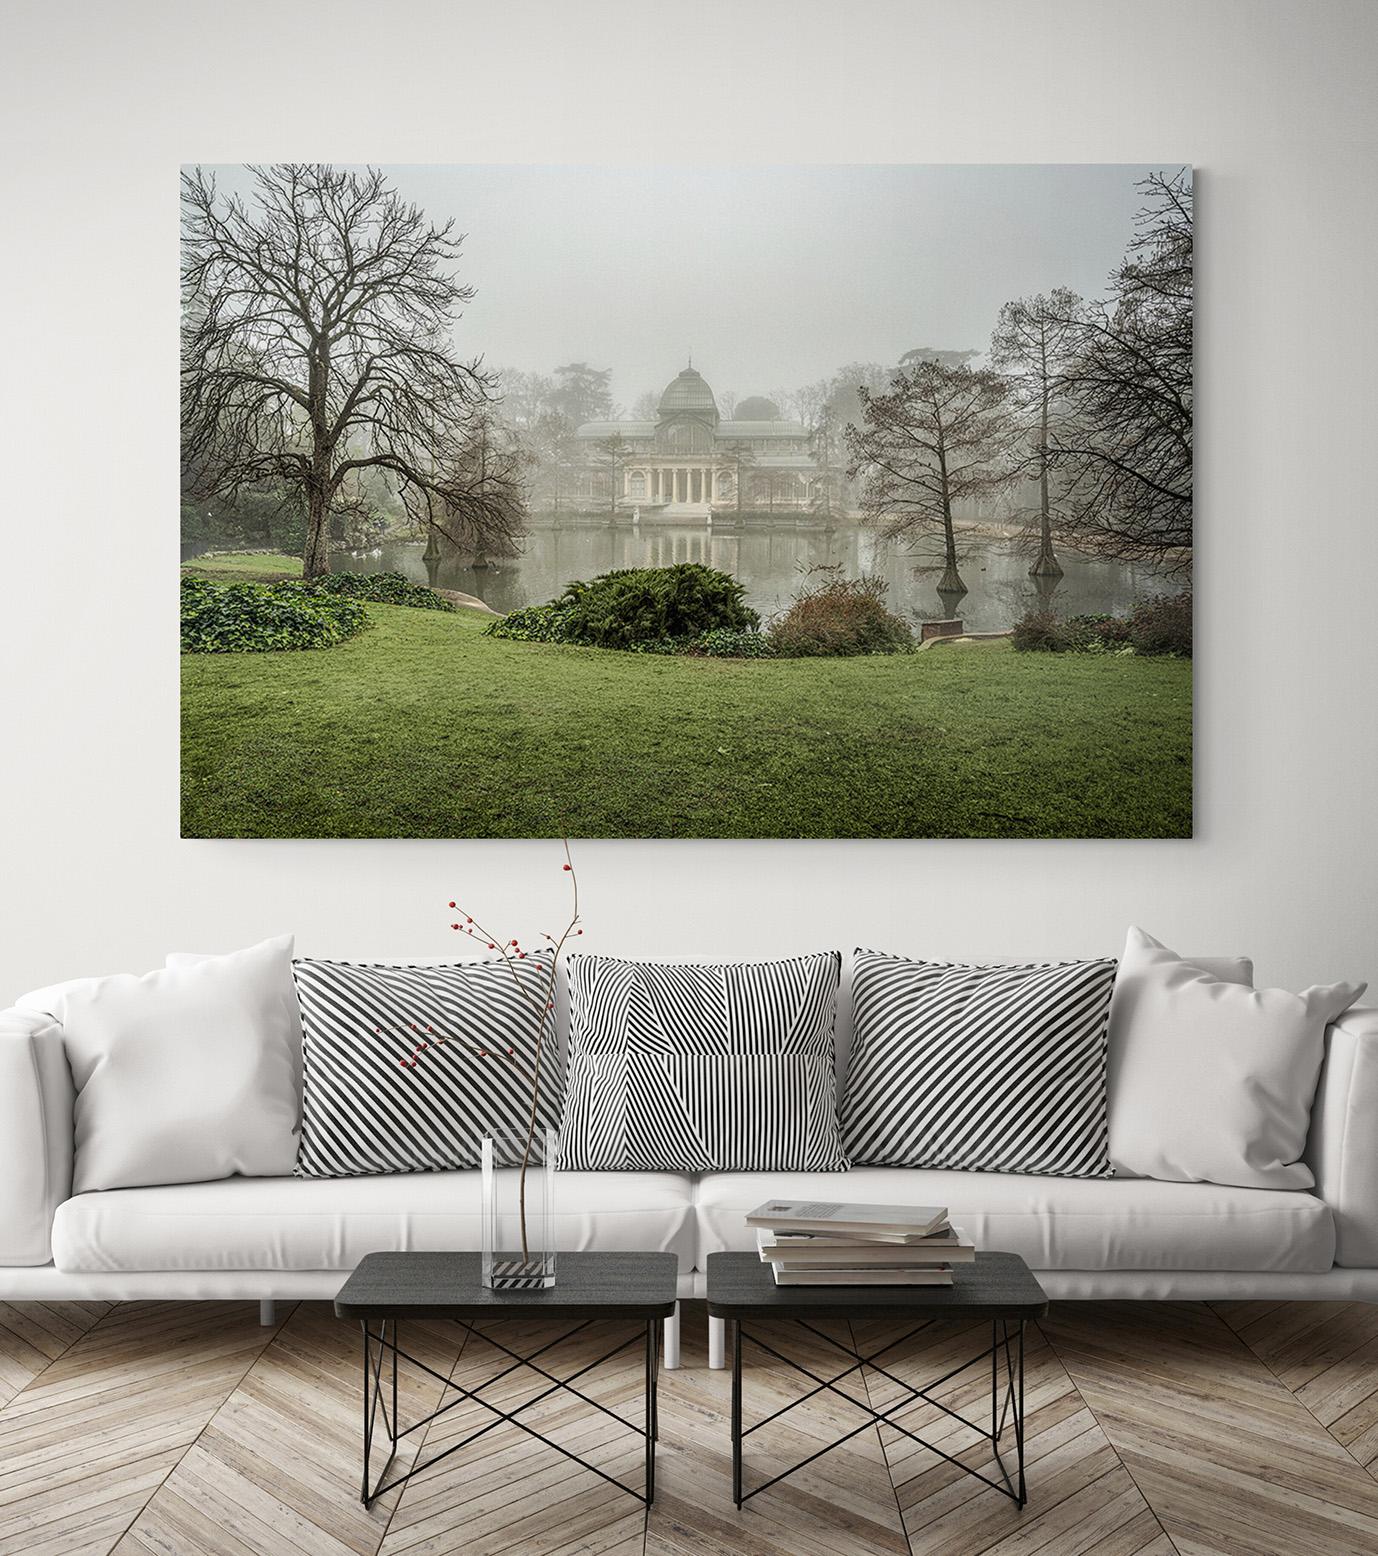 Palacio de Cristal, Parque del Retiro Niebla, Madrid, por el fotógrafo Adolfo Gosálvez. Venta de Fotografía de autor en edición limitada. AG Shop.